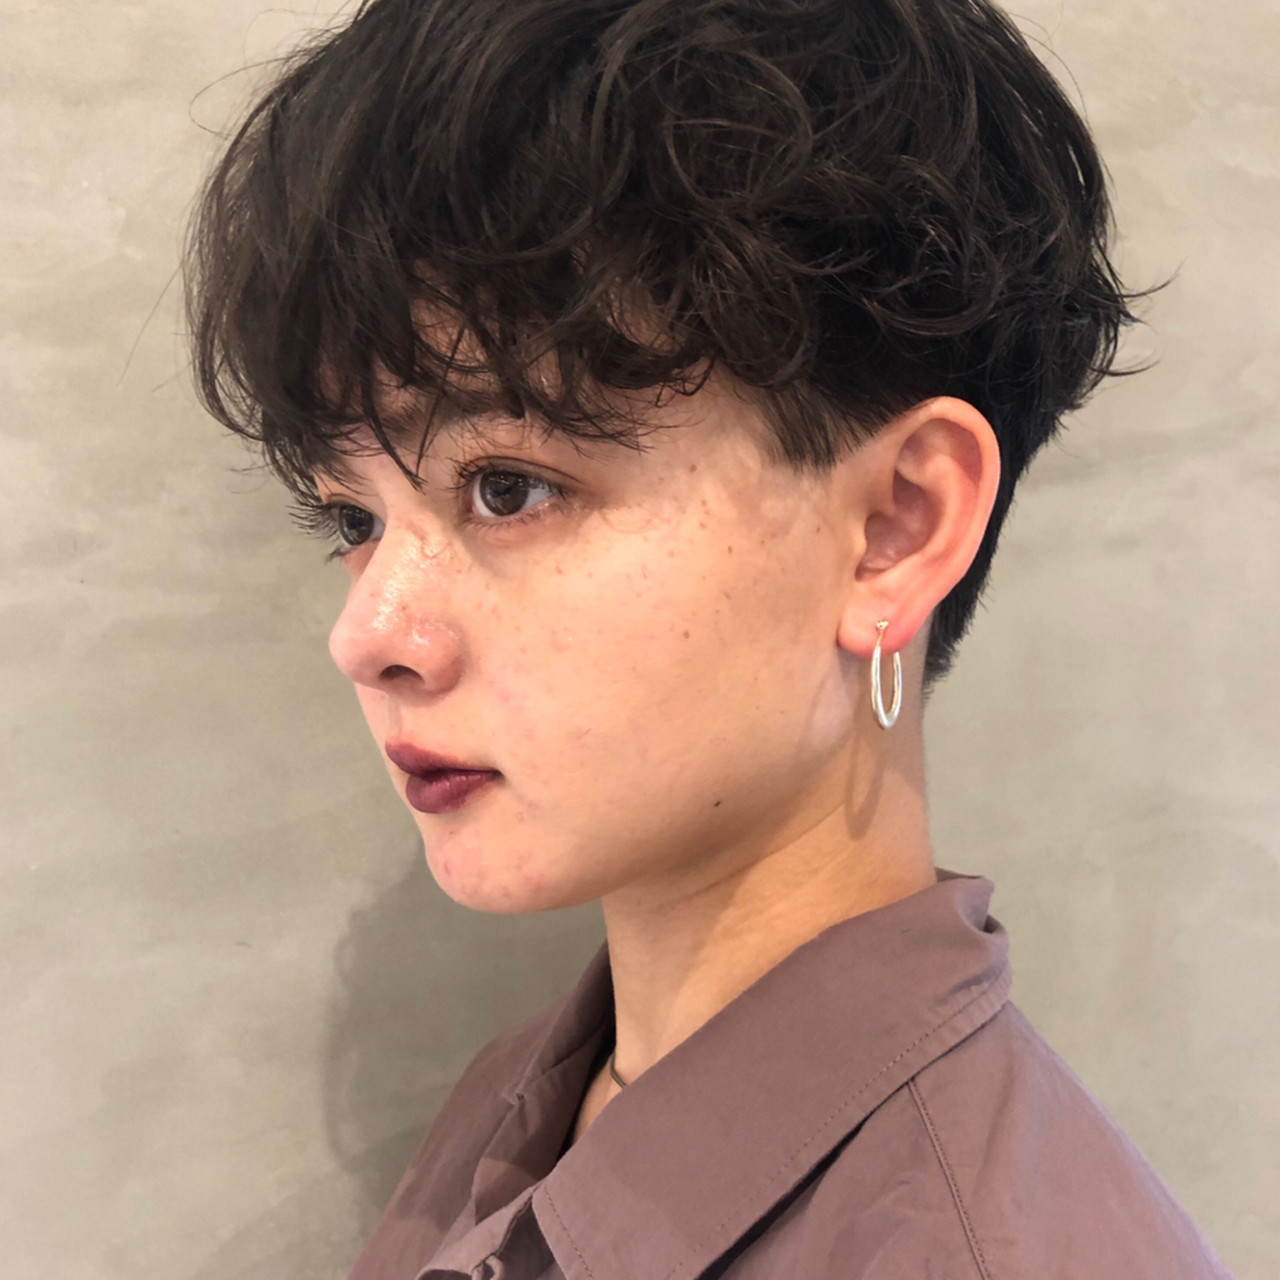 パーマ ナチュラル 大人ショート ハンサムショート ヘアスタイルや髪型の写真・画像 | 栗原貴史 PEEK-A-BOO / PEEK-A-BOO NEWoMan 新宿